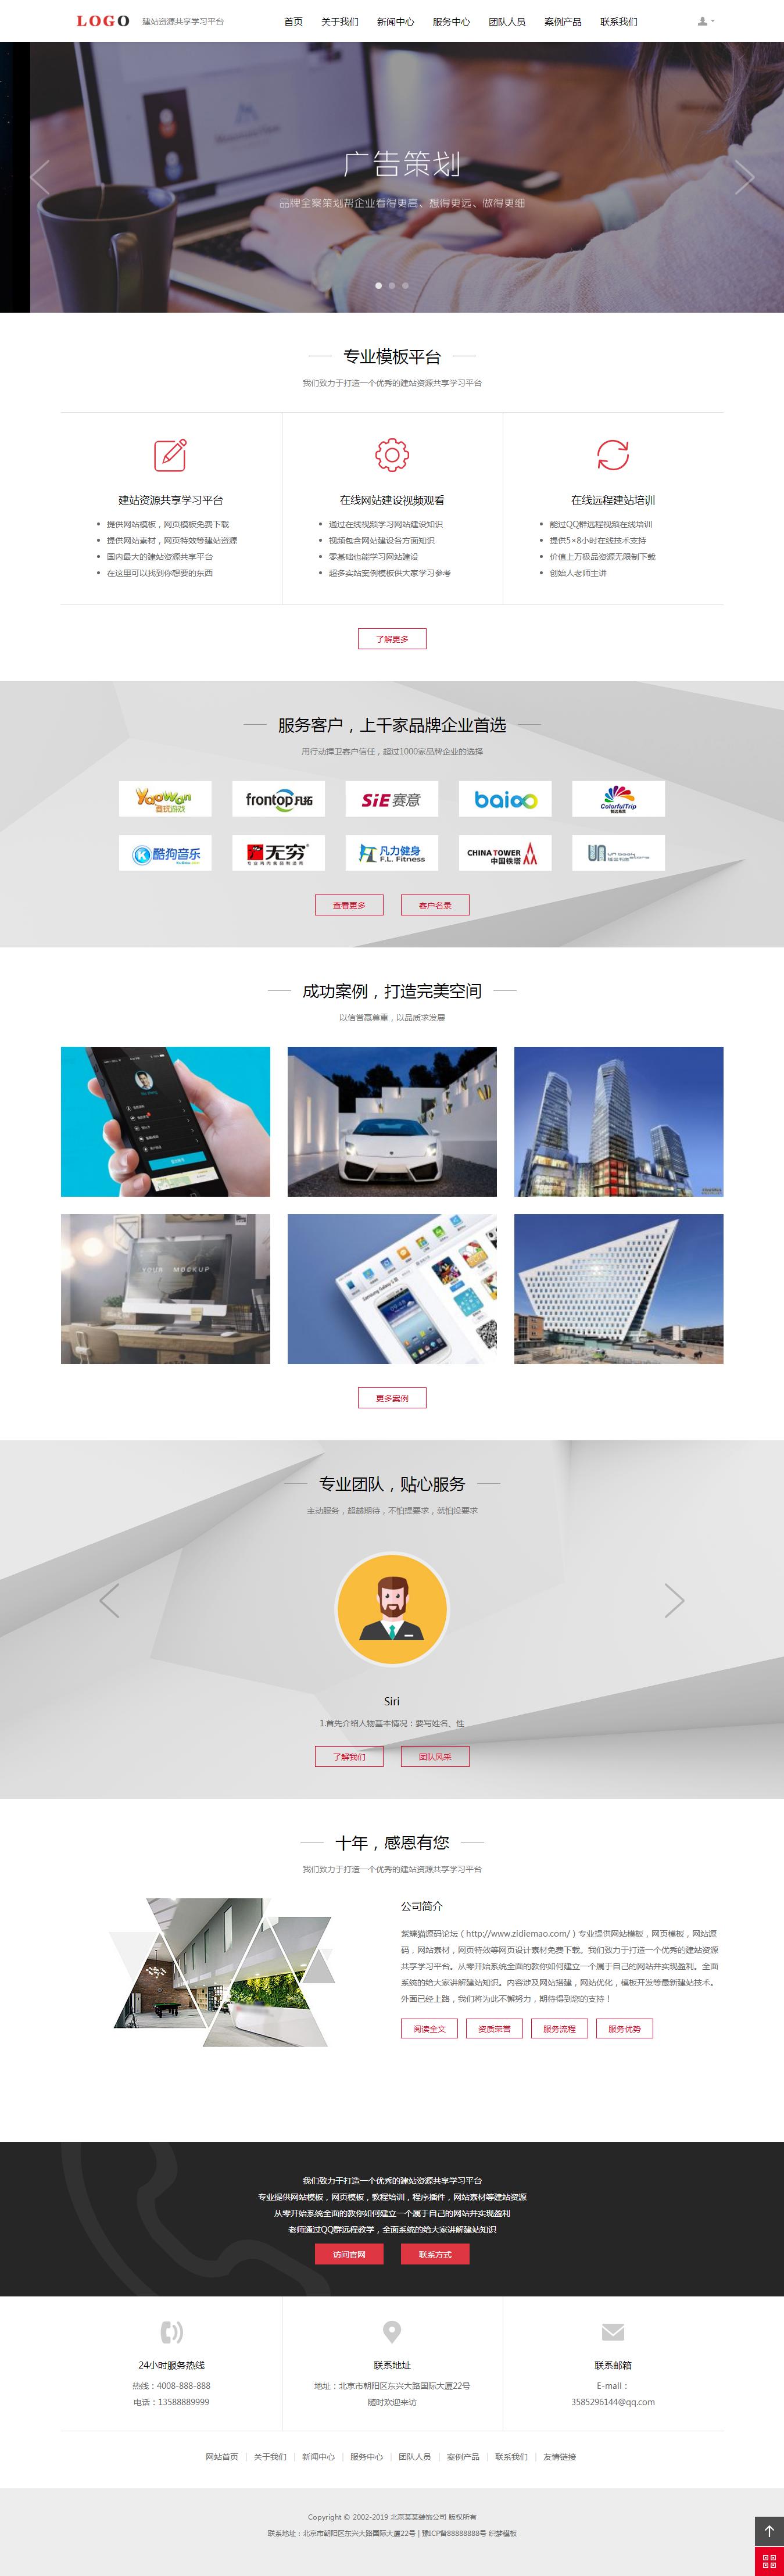 织梦装修设计网站模板